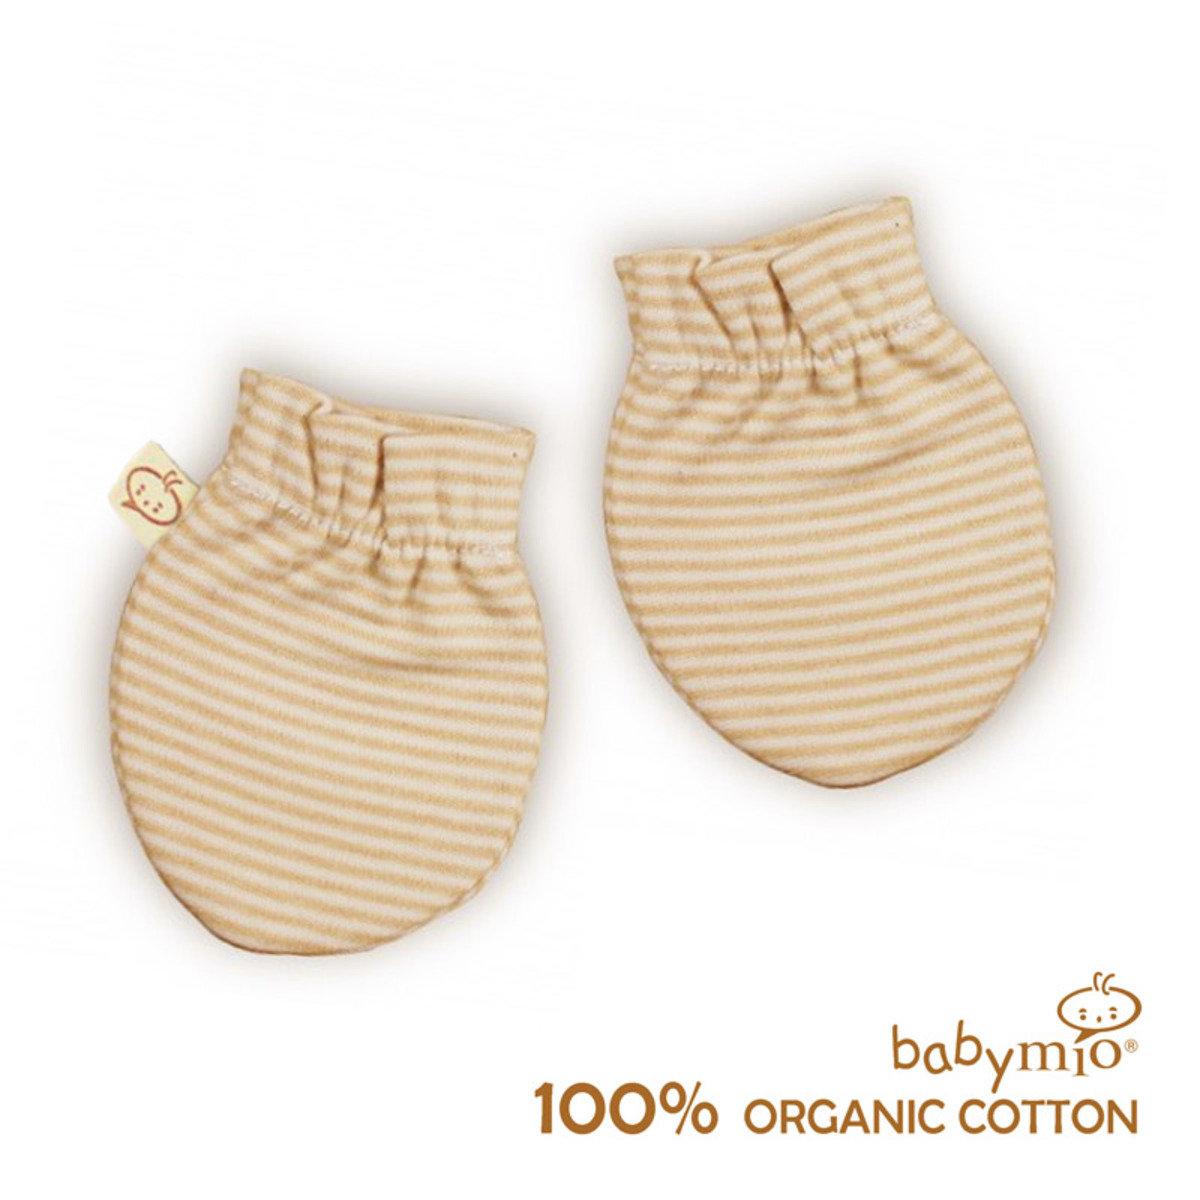 羊羊有機棉嬰兒小手套 / 護手套